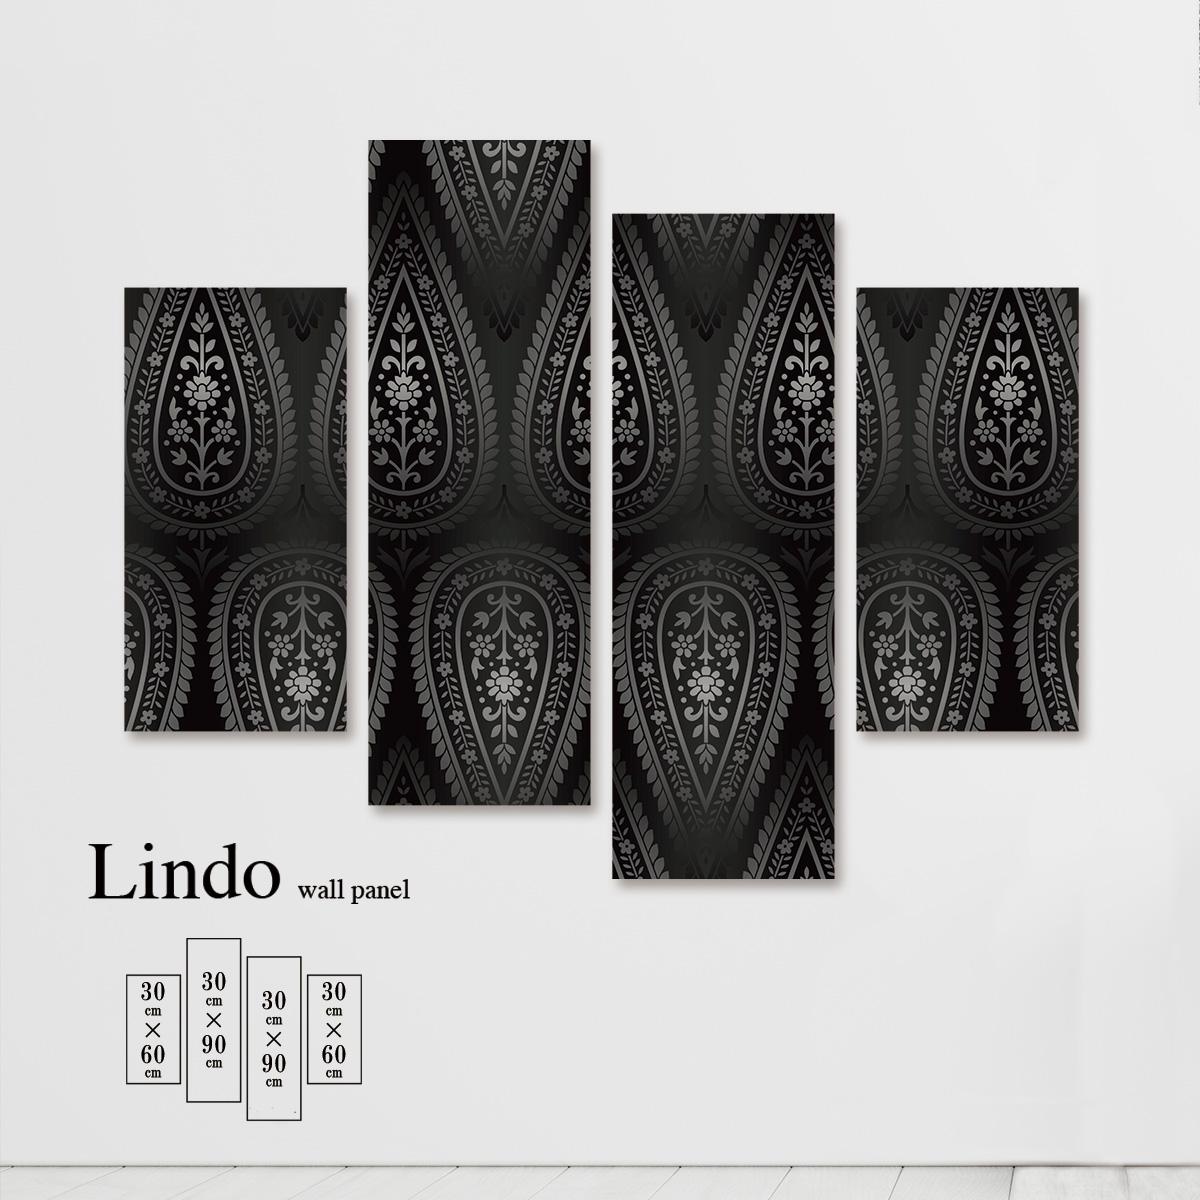 アートパネル ペイズリー 柄 パターン 幾何柄 模様 ブラック かっこいい 壁掛け 北欧 お洒落 デザイン ファブリック 壁飾り アートボード 4枚パネル